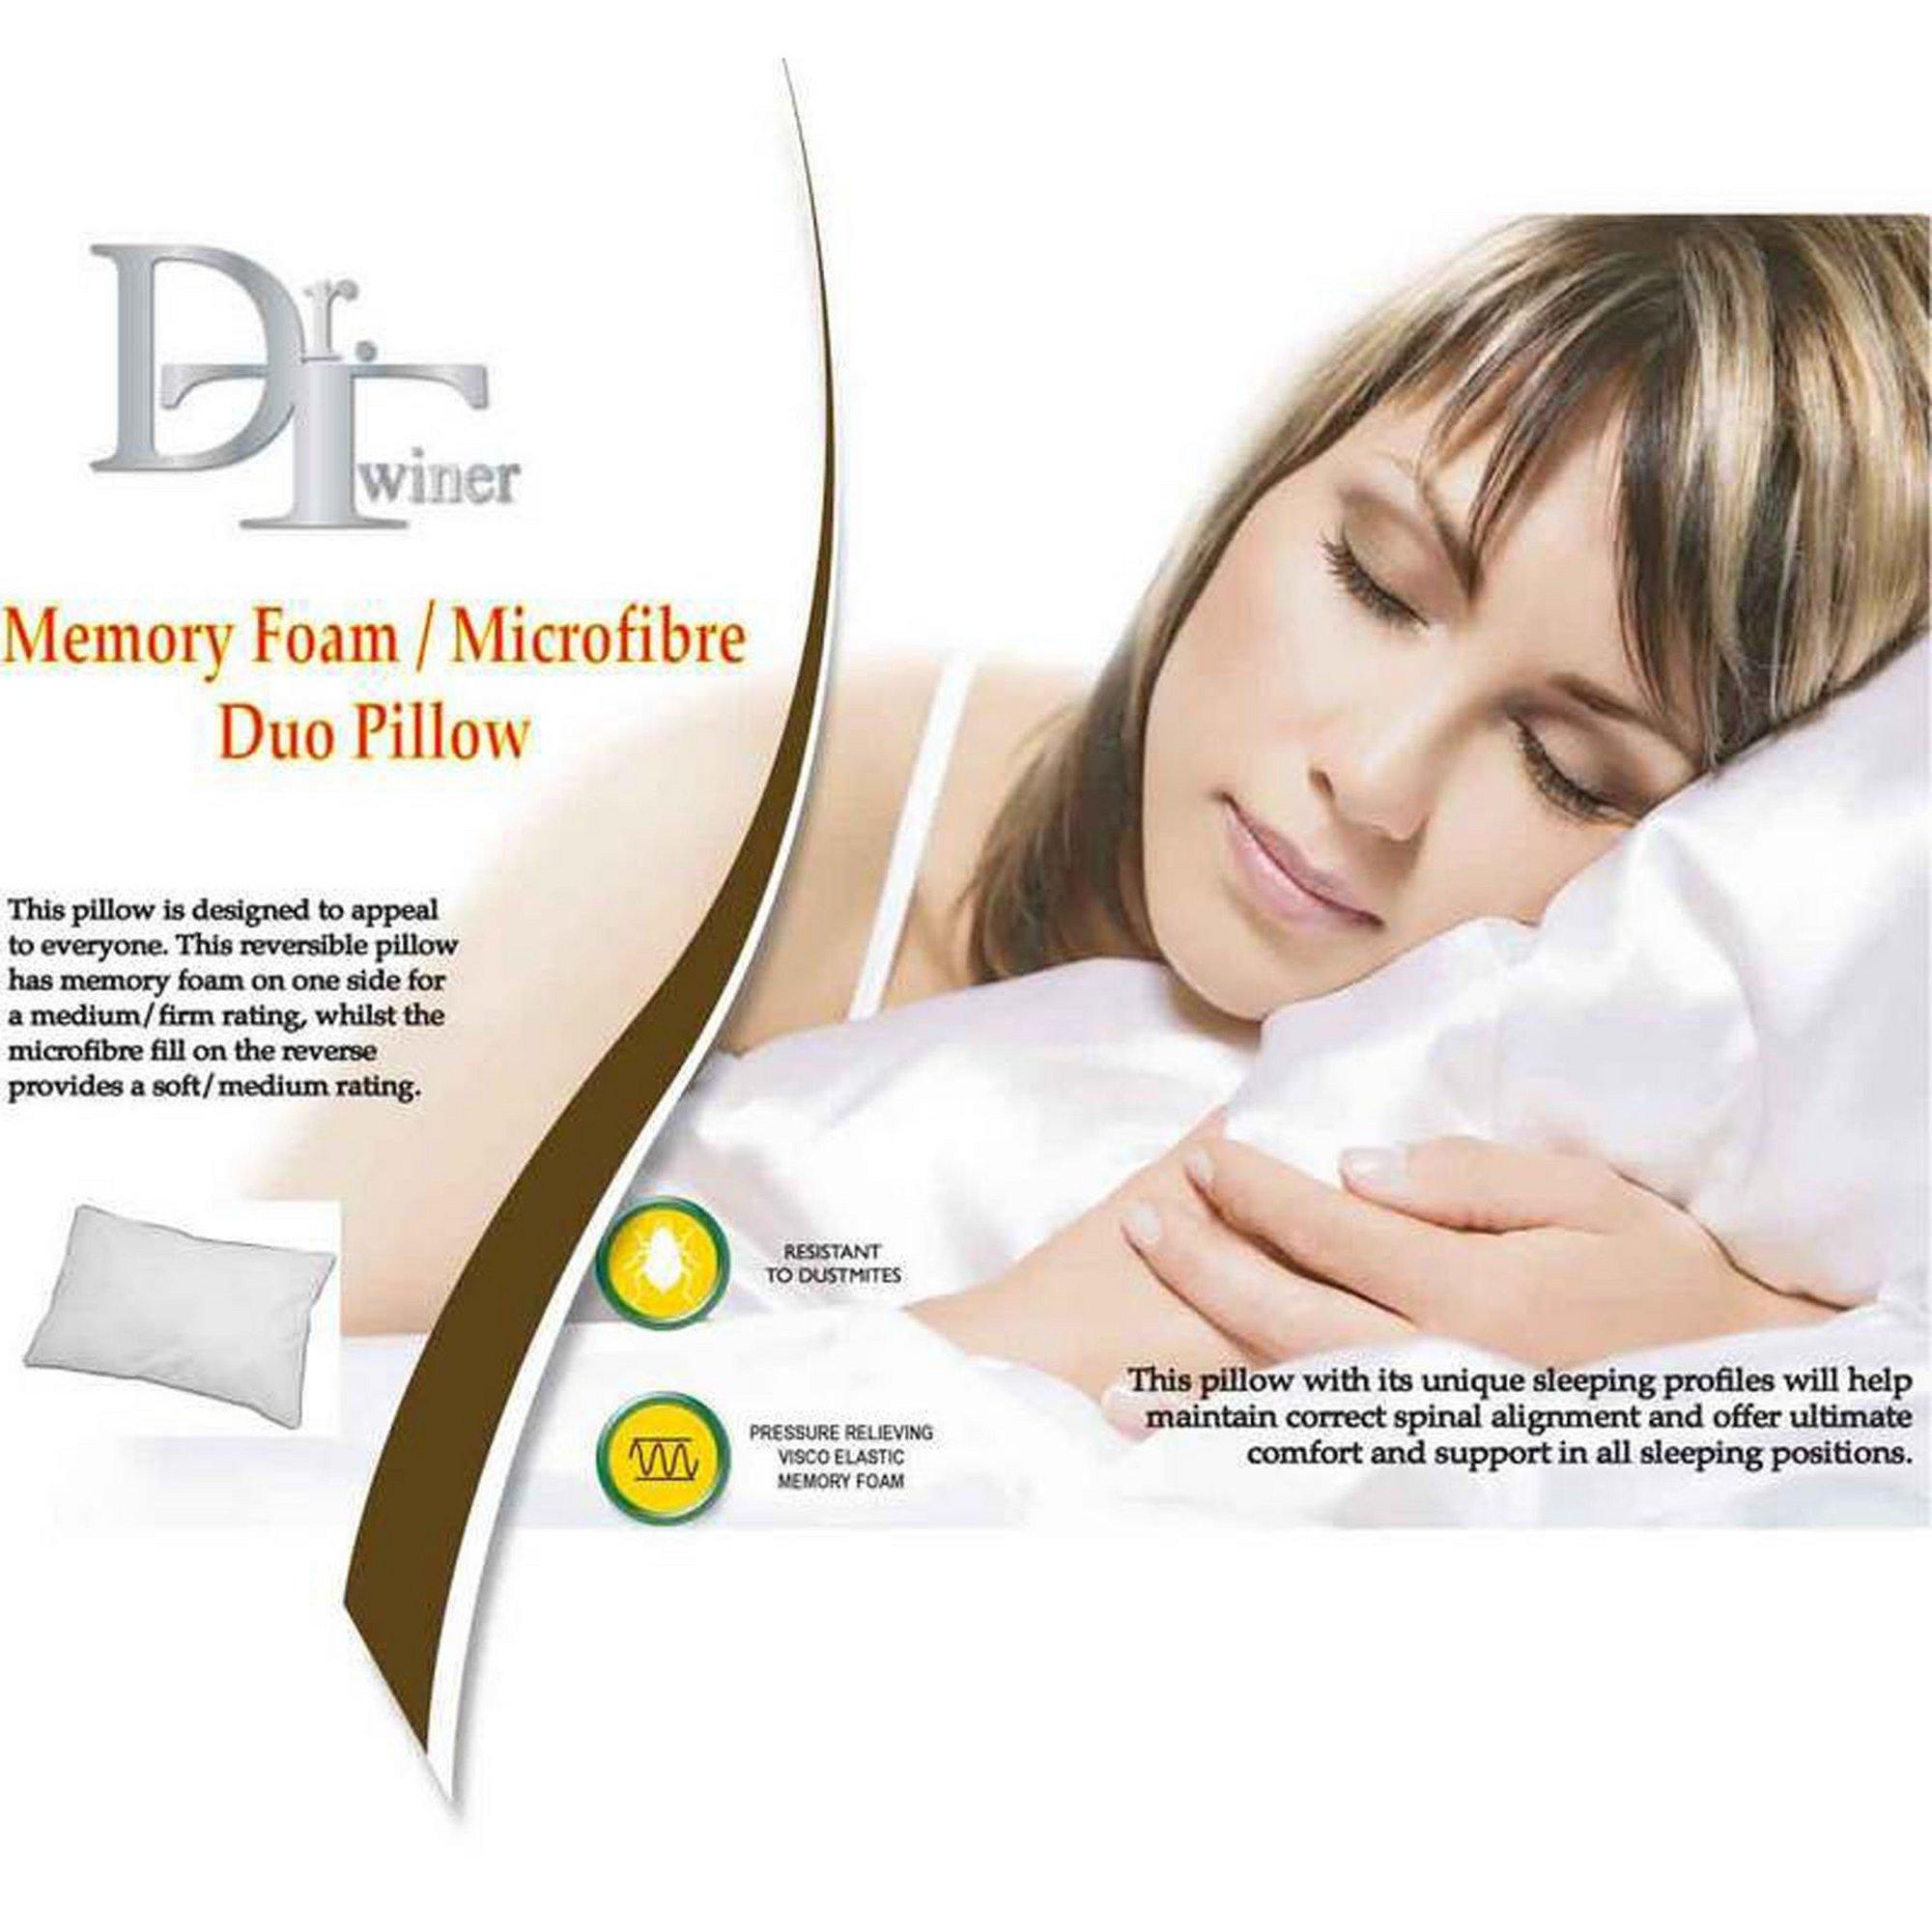 Image of Dr Twiner Duo Memory Foam&#44 Microfibre Pillow